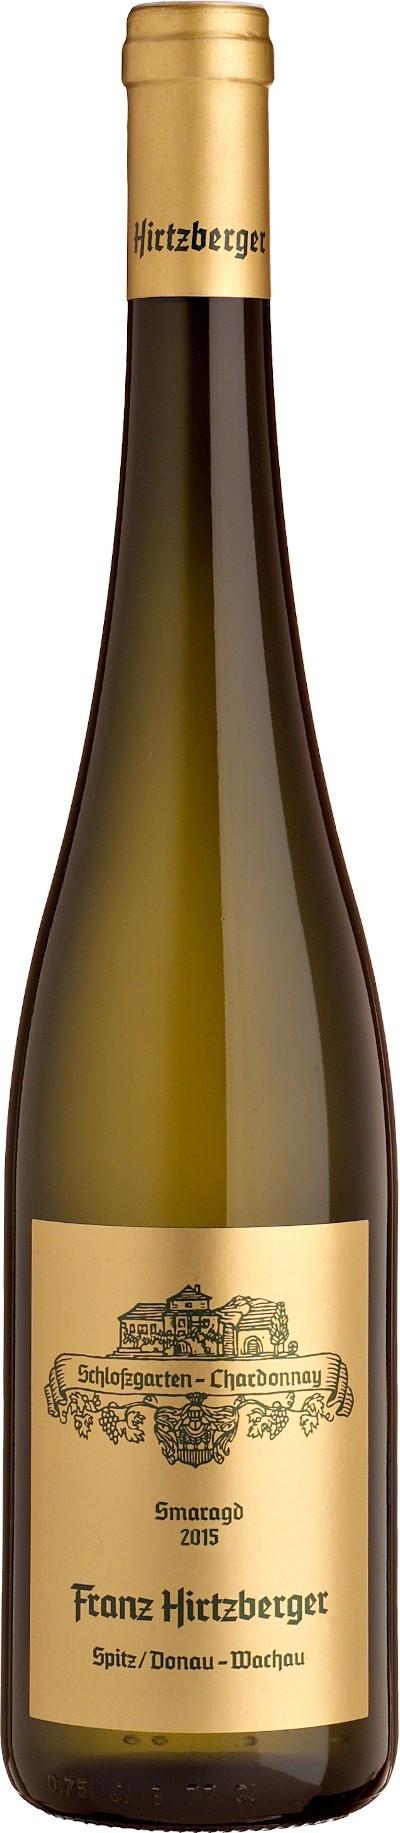 Hirtzberger - Chardonnay Smaragd Schlossgarten